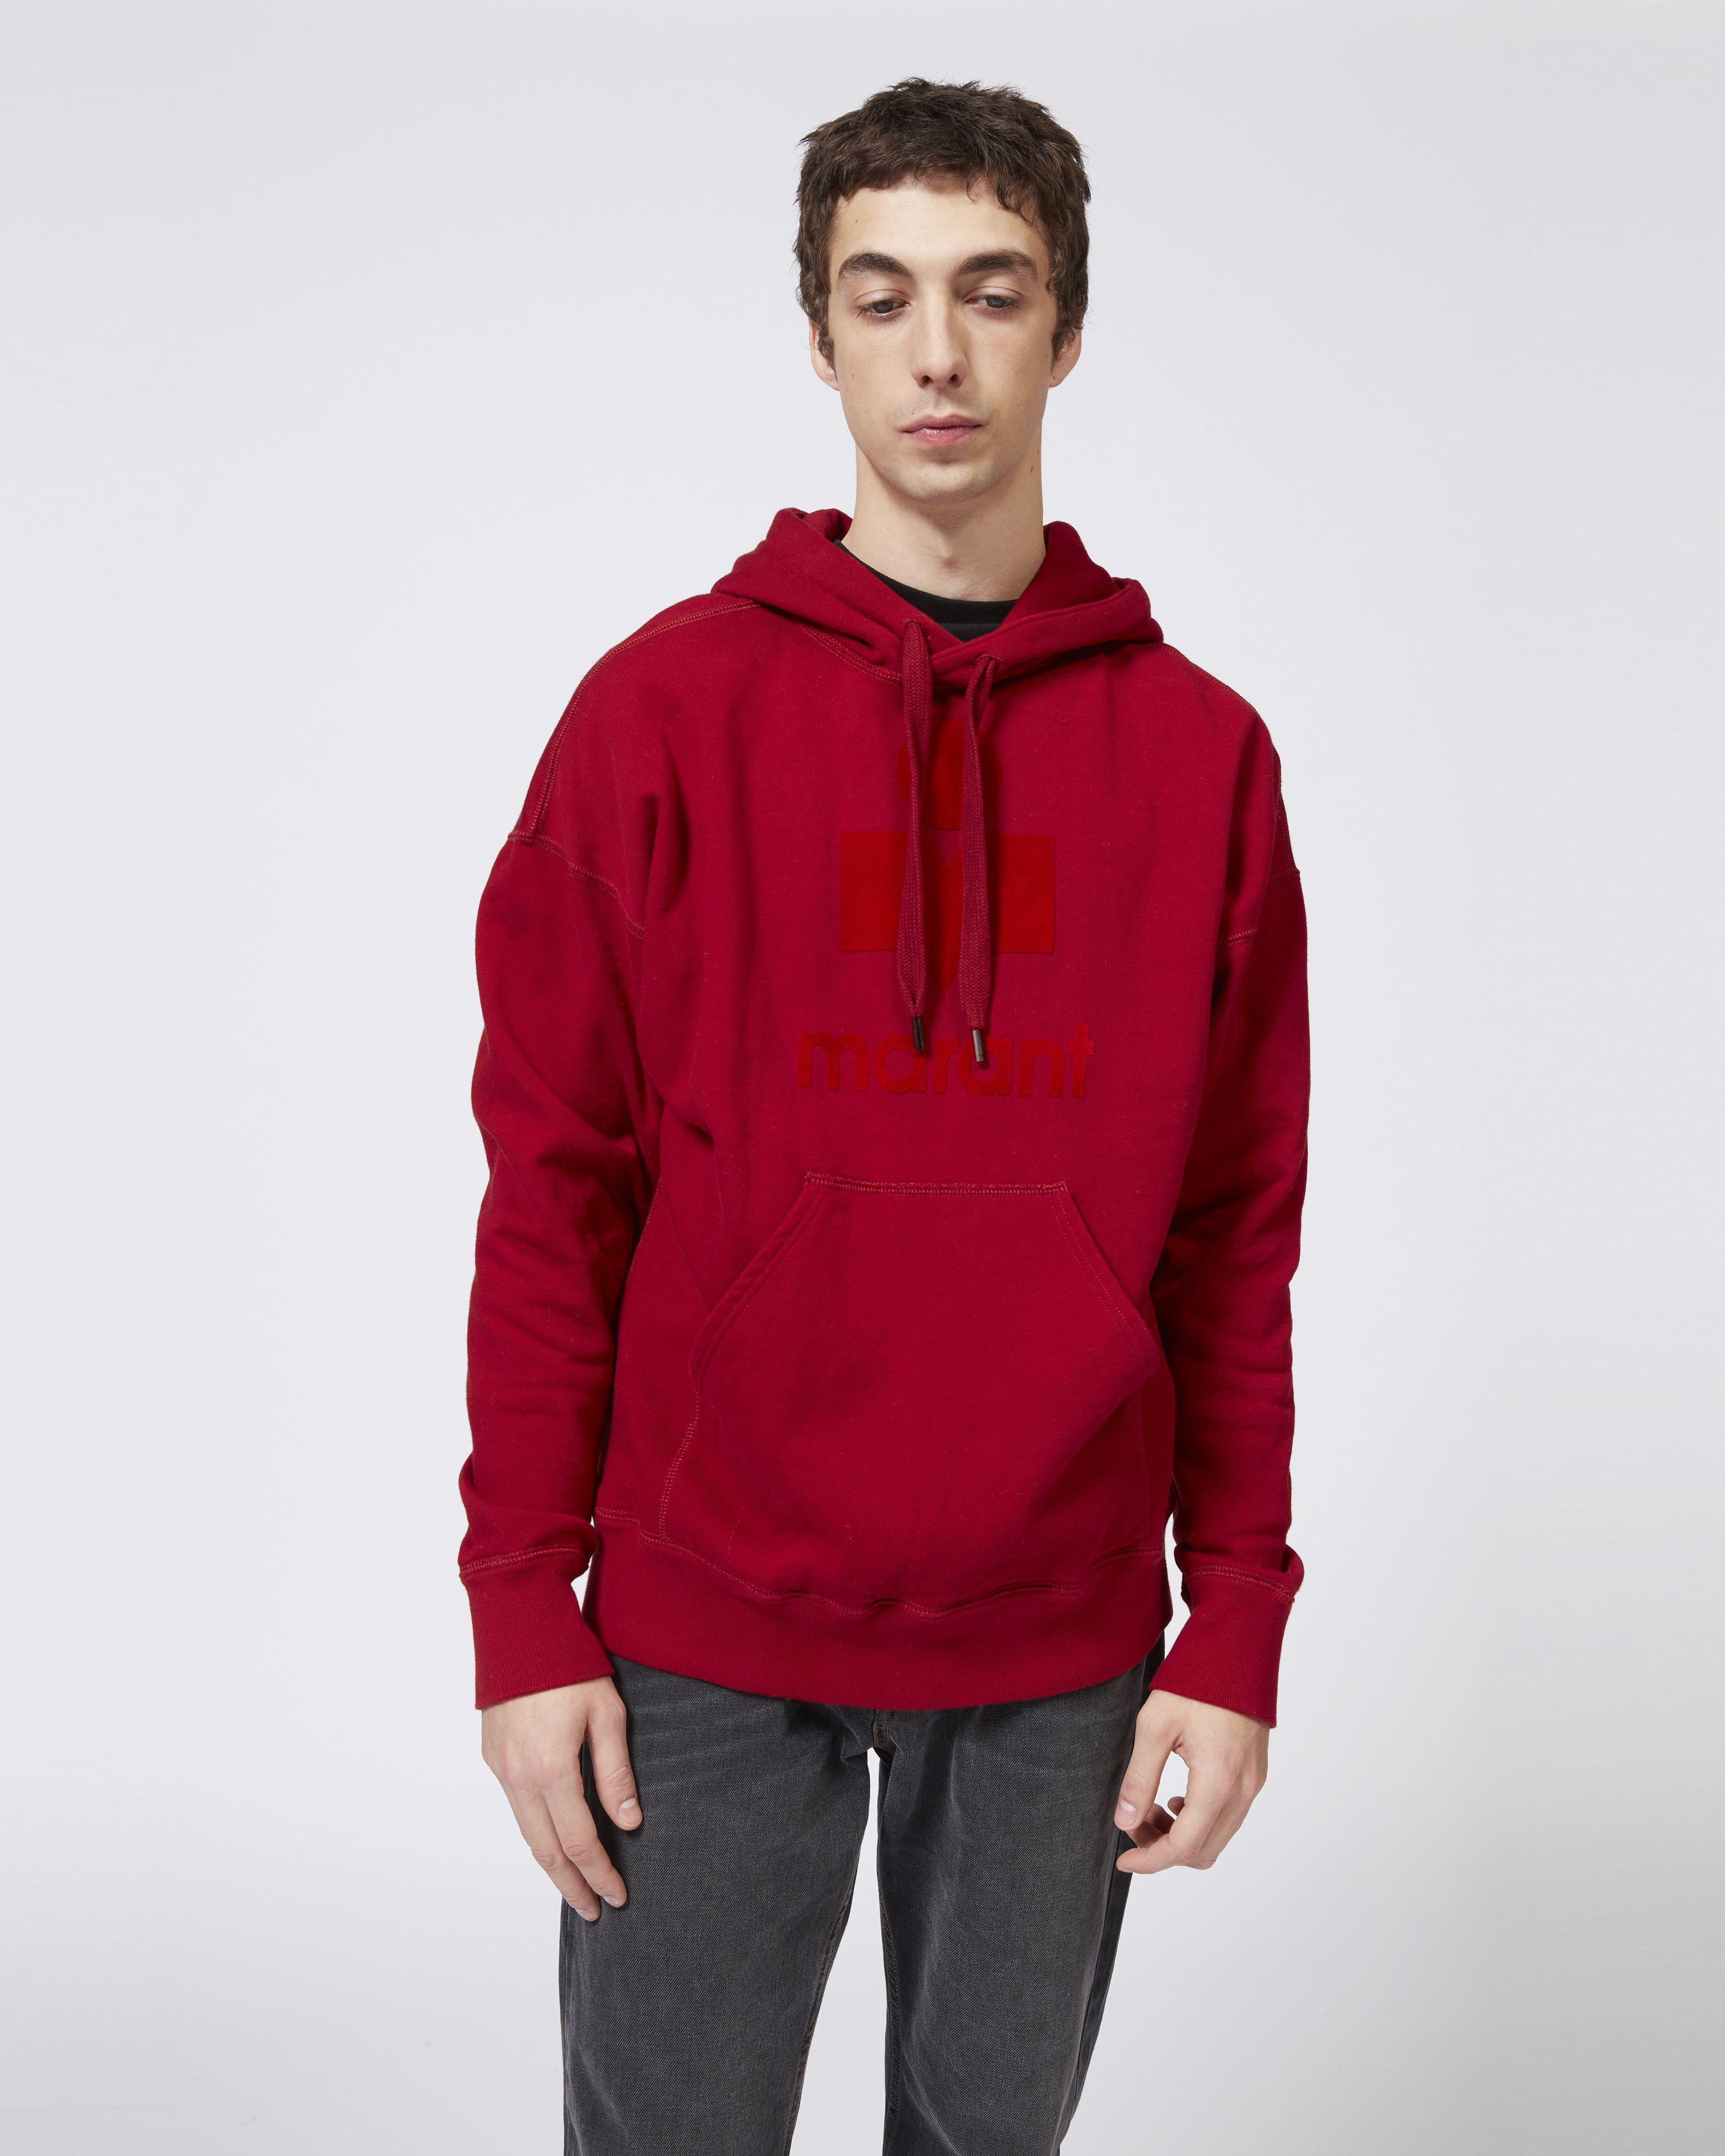 MILEY oversize sweatshirt